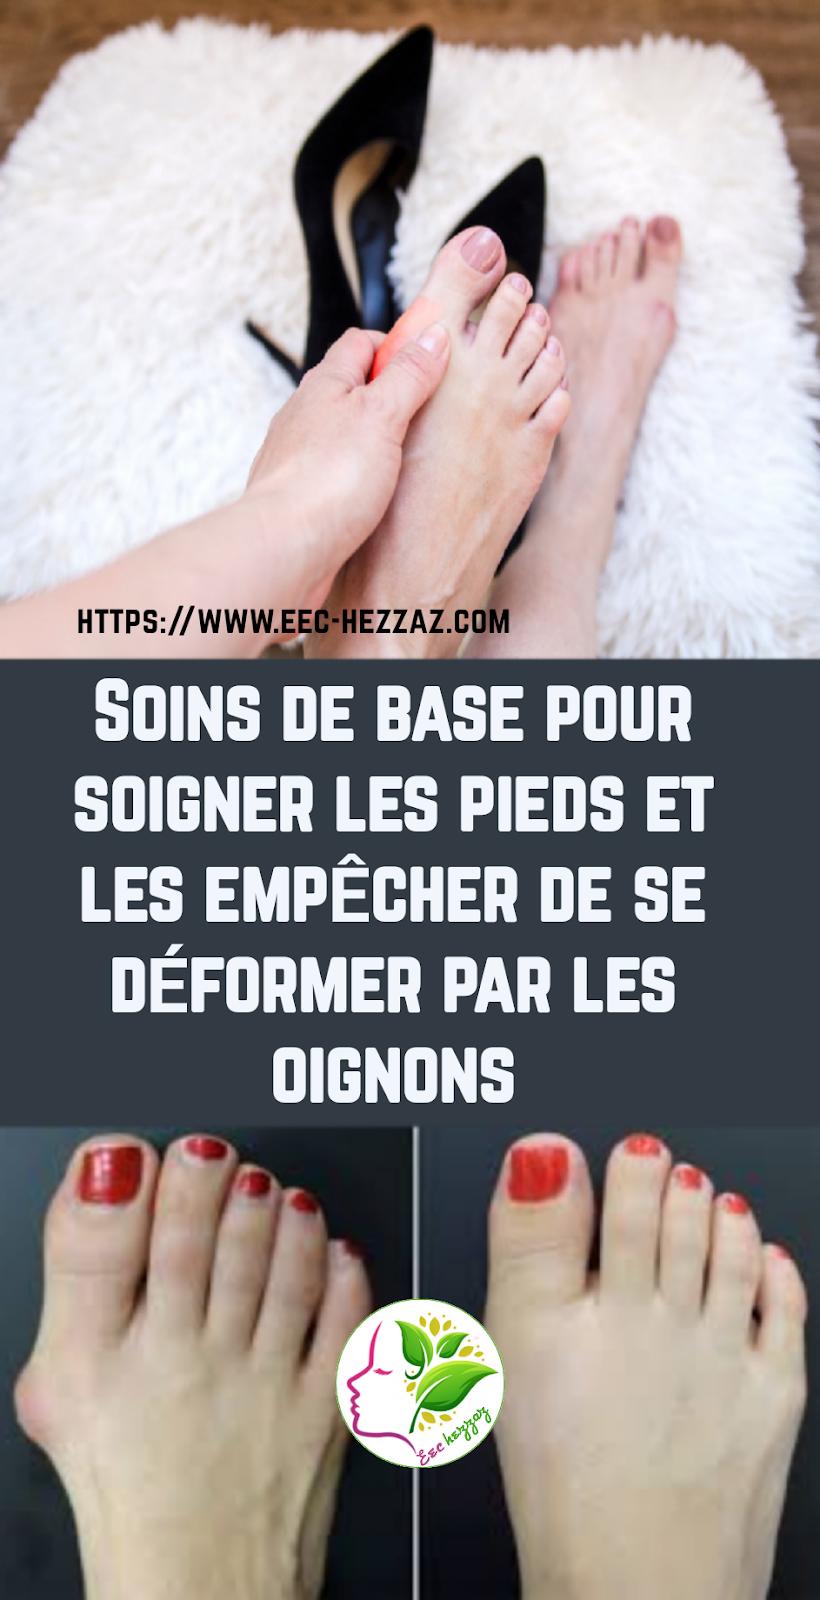 Soins de base pour soigner les pieds et les empêcher de se déformer par les oignons